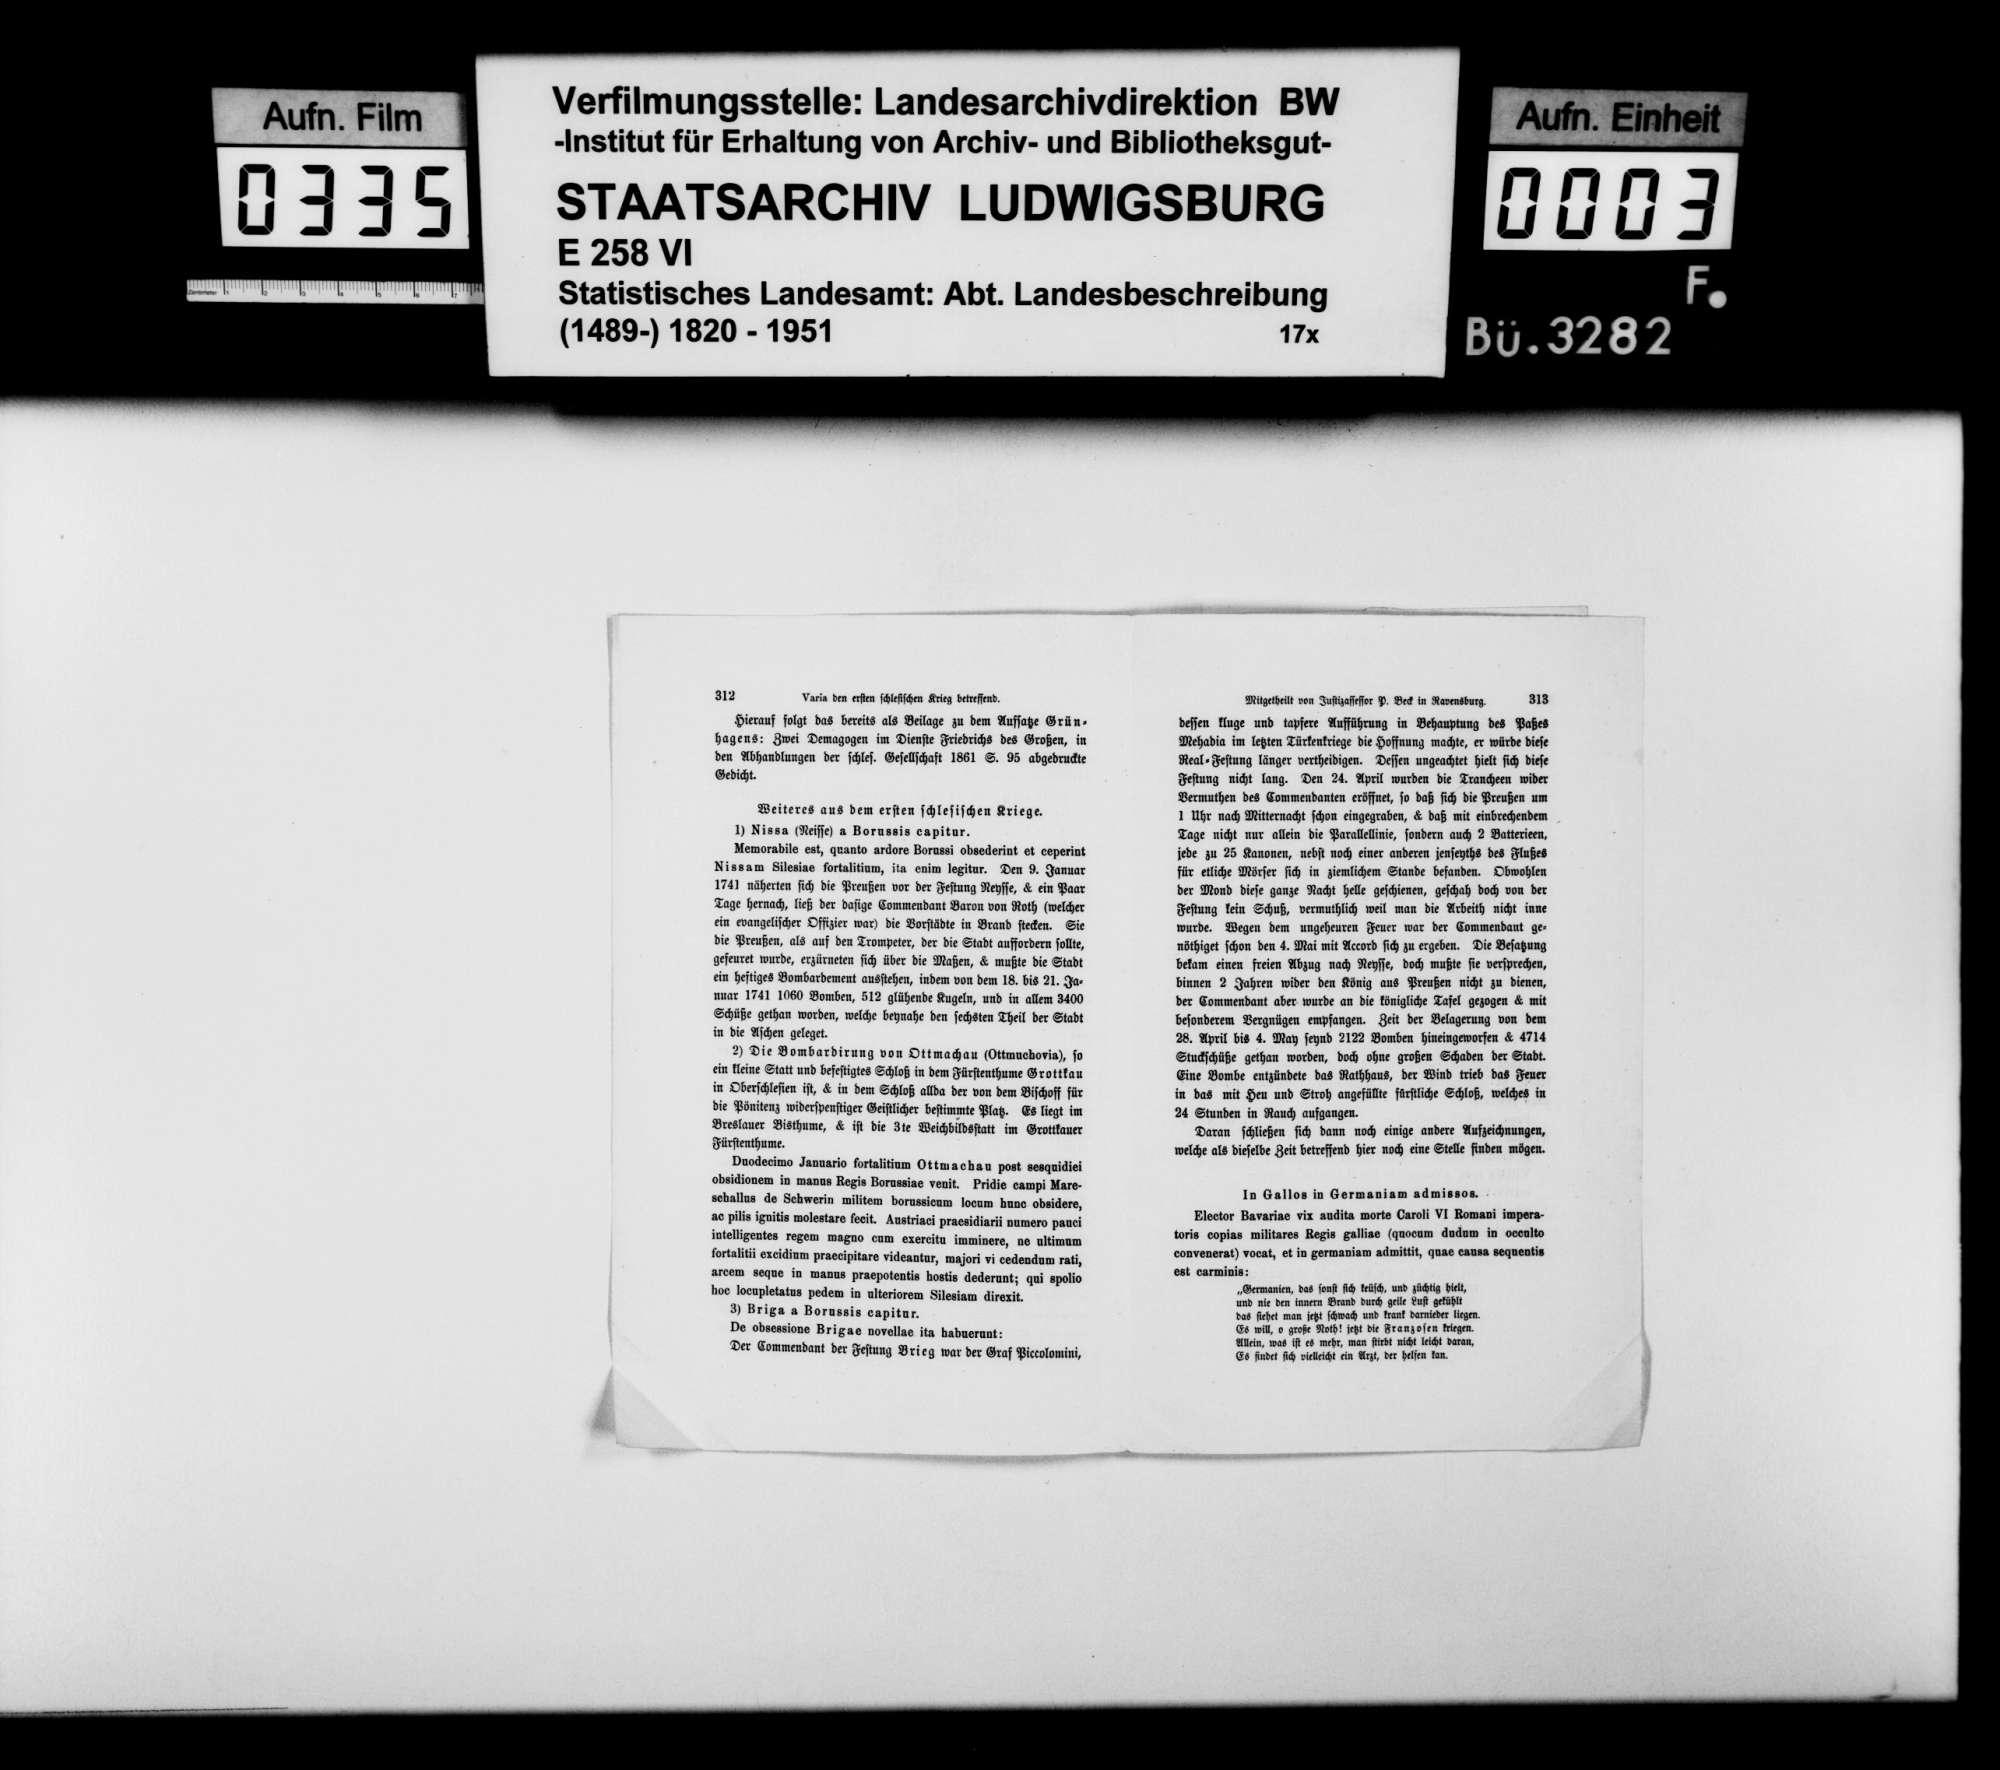 Sammlung gedruckten Materials für eine Neubearbeitung der OAB, Bild 2